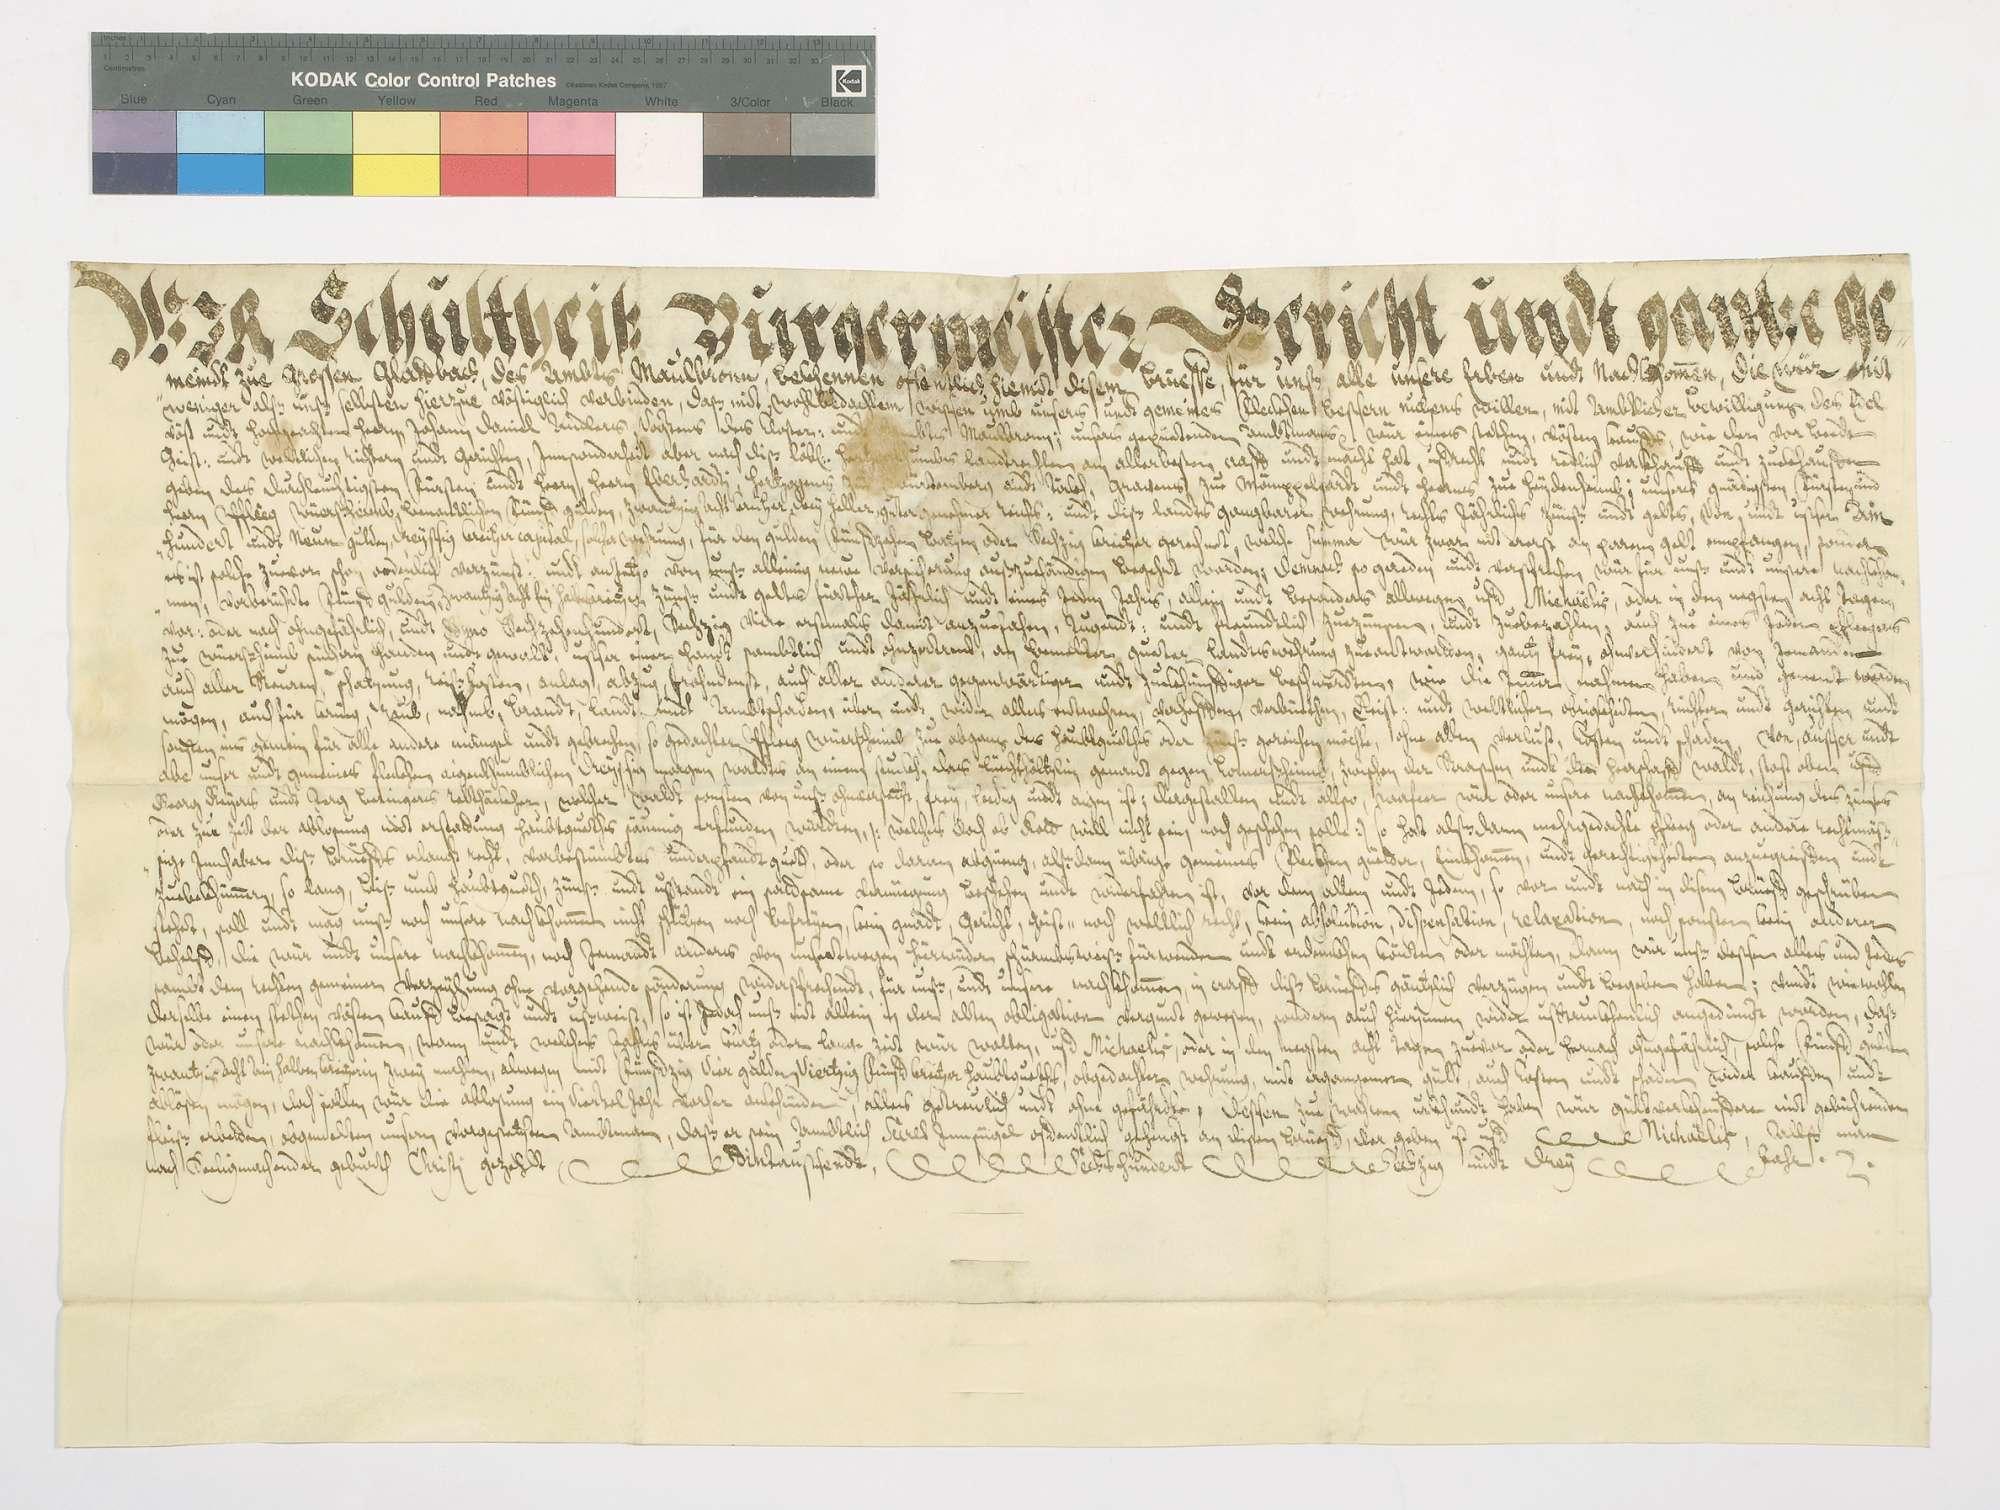 Schuldbrief der Gemeinde Glattbach für das herzogliche Amt Wiernsheim über 109 Gulden 30 Kreuzer Kapital, für welches der Gemeindewald Lüchthölzlein verpfändet wird., Bild 1